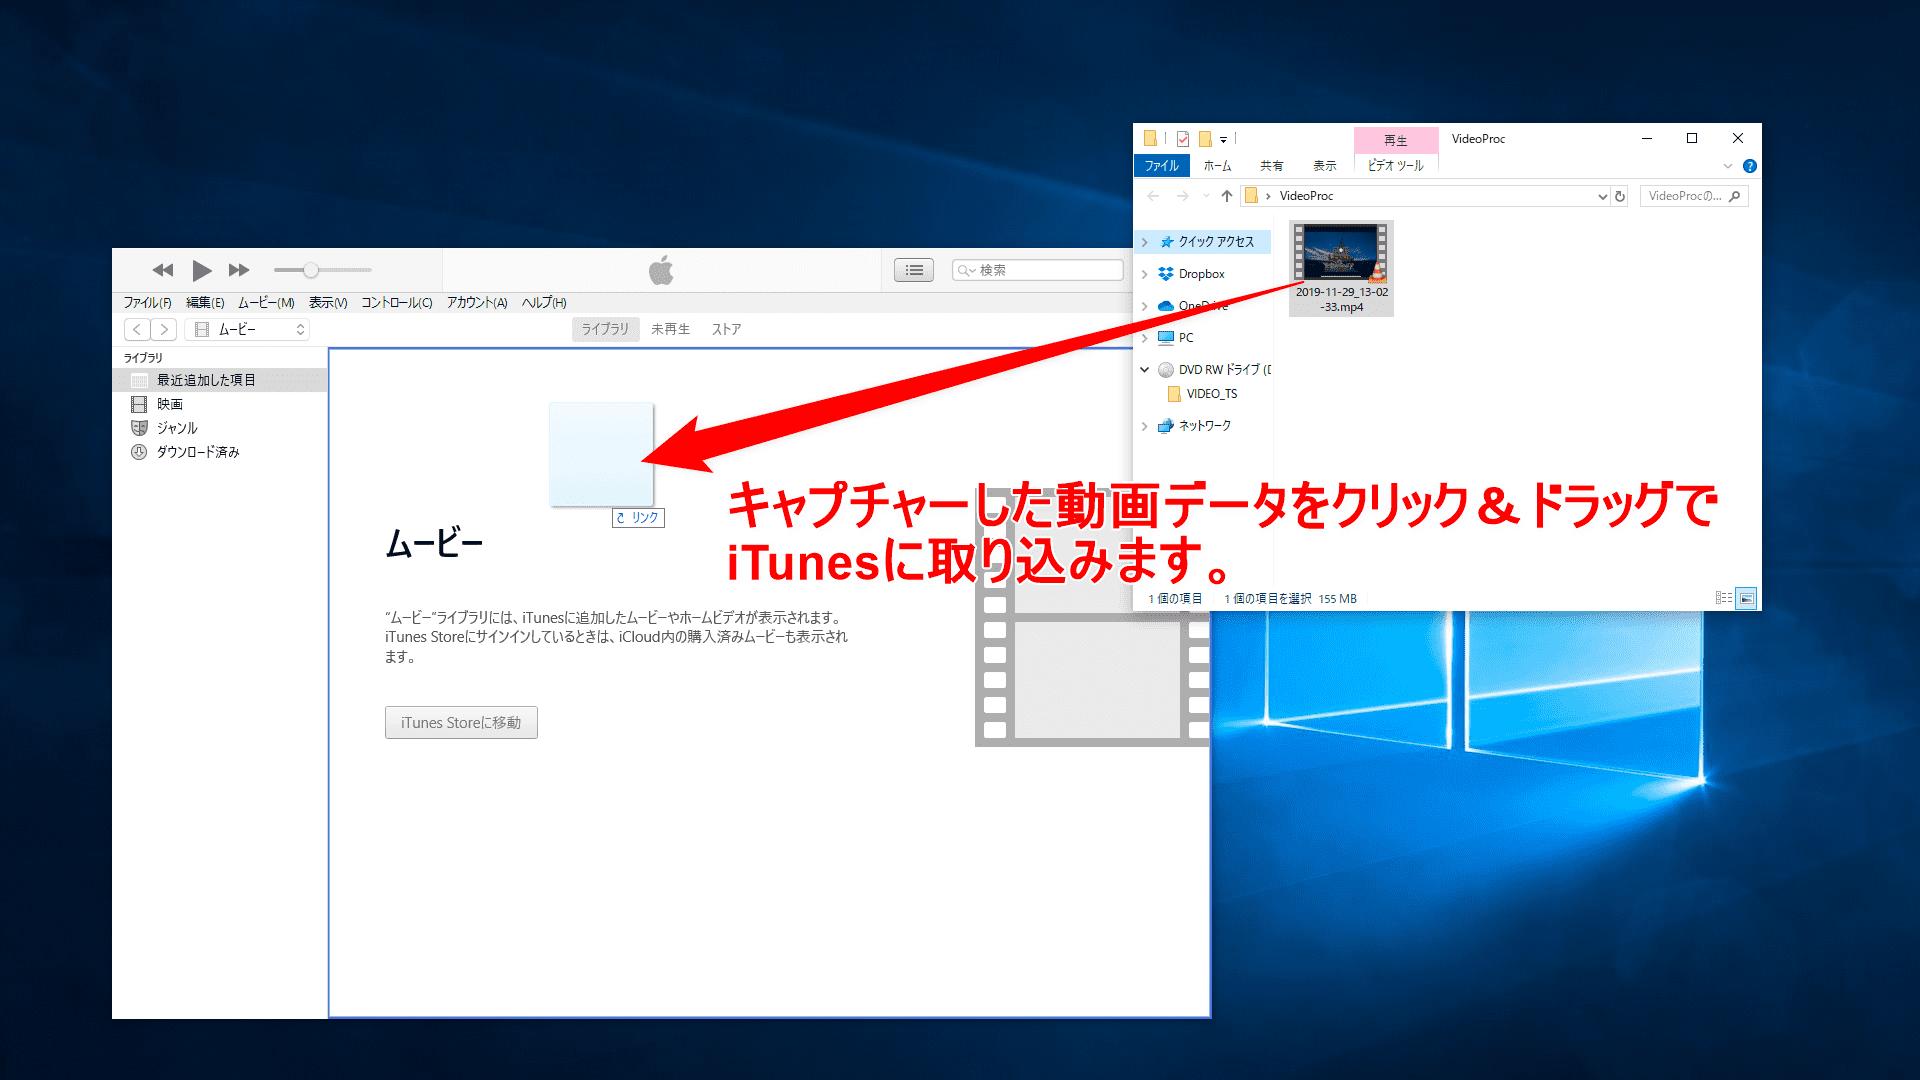 【DVDの合法的コピー方法】リッピング・データ変換の必要なし!コピーガード解除しない完全合法でDVD動画データをPC保存する方法|VideoProcで簡単保存|画面キャプチャーした動画データをiPhoneで観る方法:動画データをiTunesに取り込む:先ほど画面キャプチャーした動画データをクリック&ドラッグして、iTunes上のムービーに持っていきます。 「リンク」とマウスポインタ周辺に表示されたら、動画データをドロップしましょう。